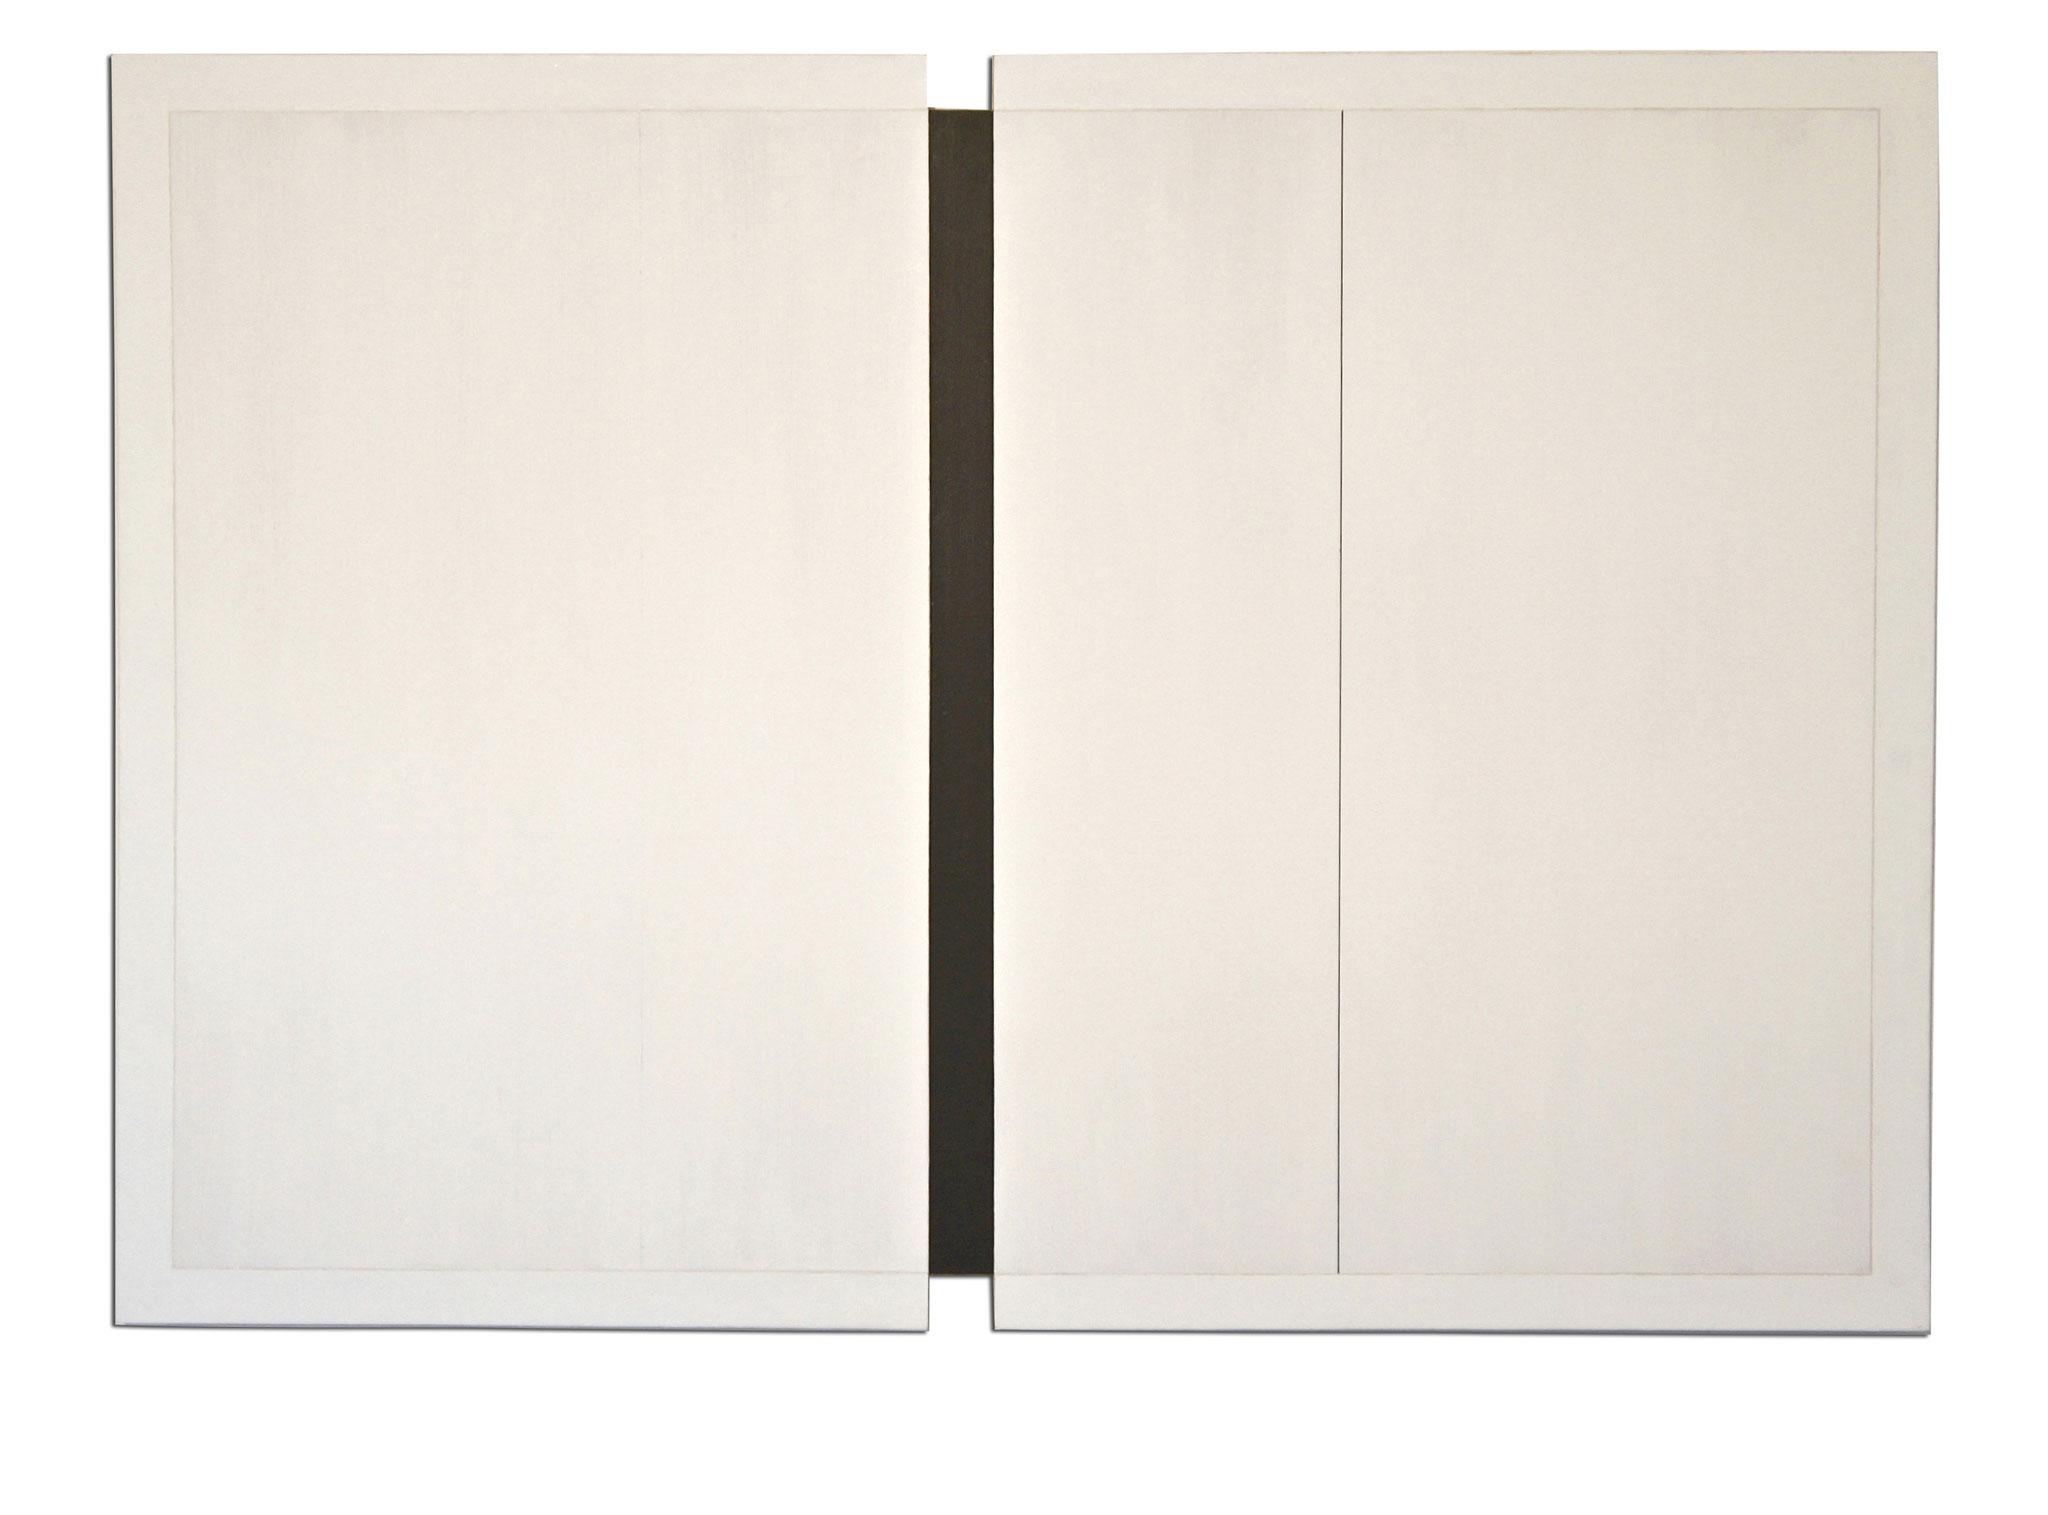 Colle de peau sur toile - 130x90x3 cm